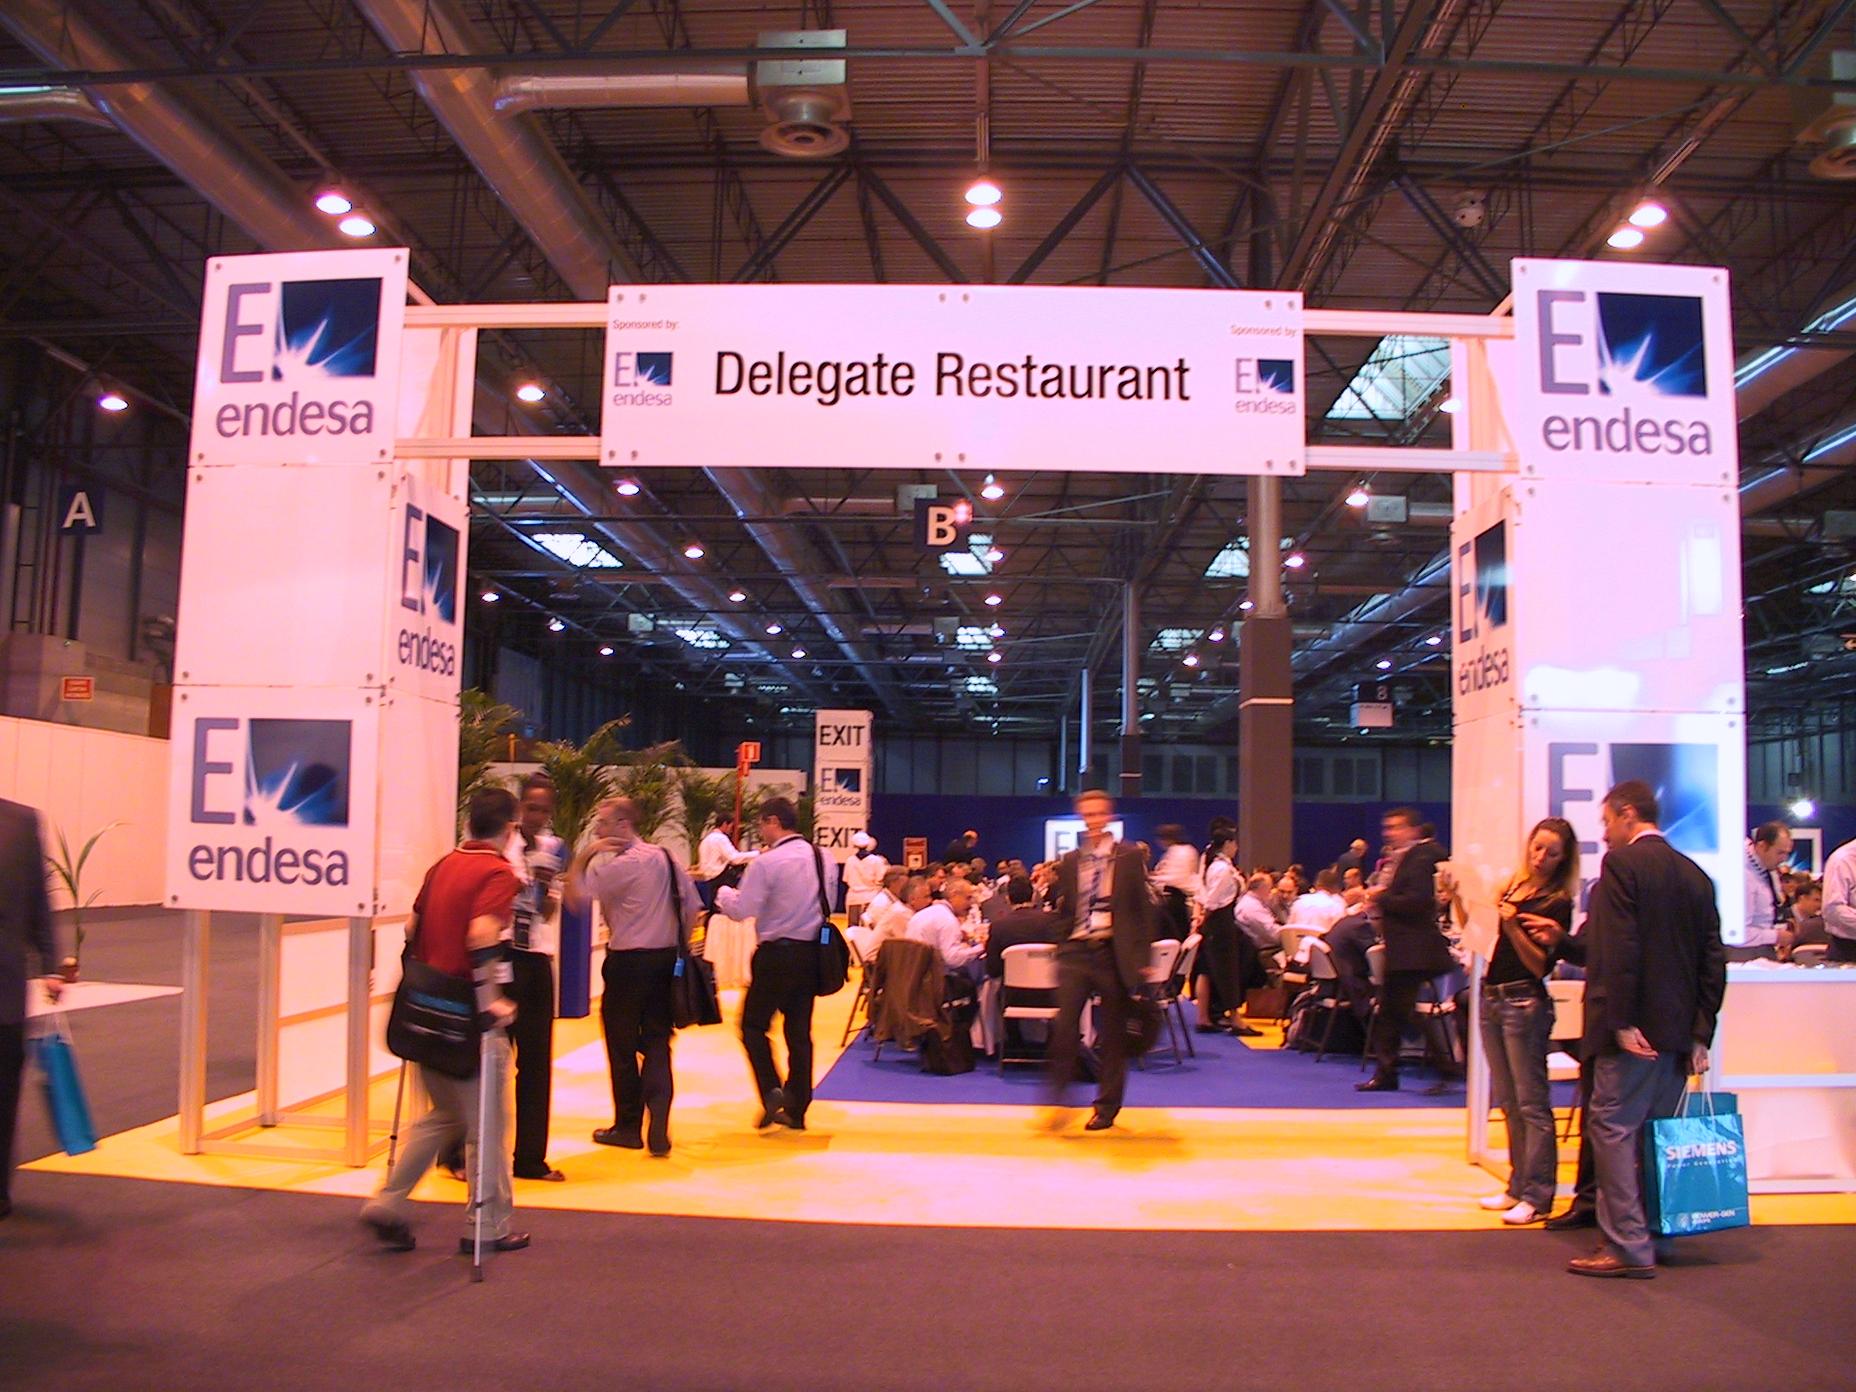 Delegate Restaurant